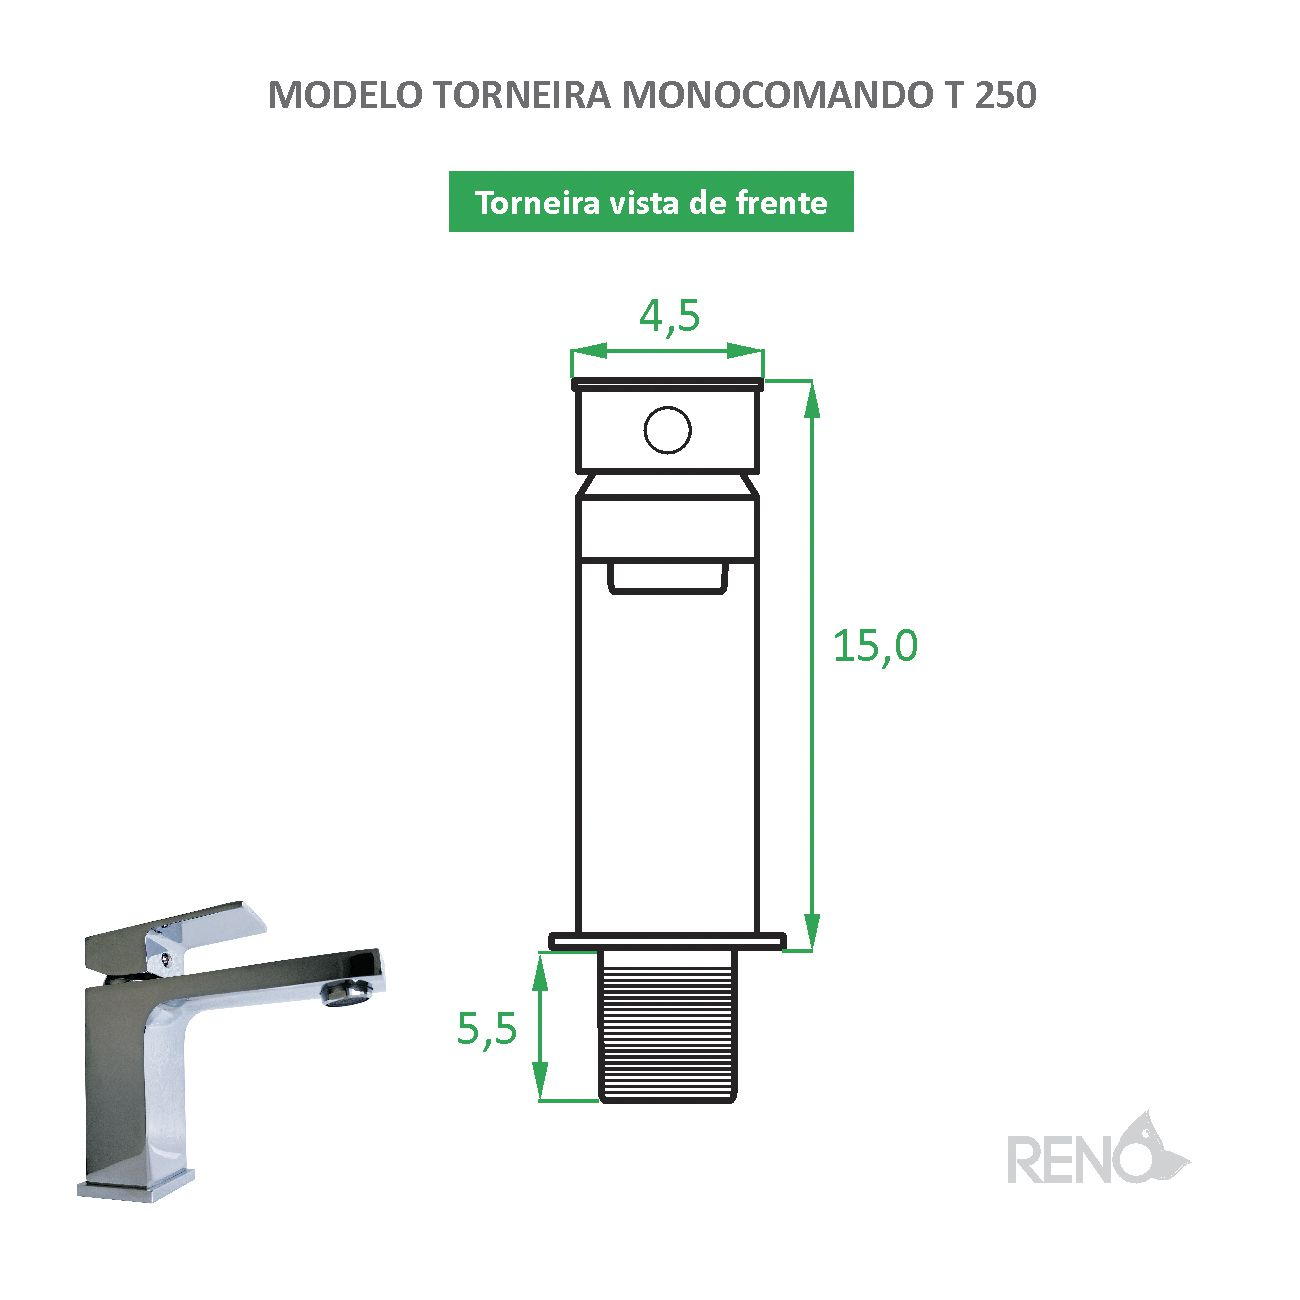 Torneira Monocomando Quadrada T 250